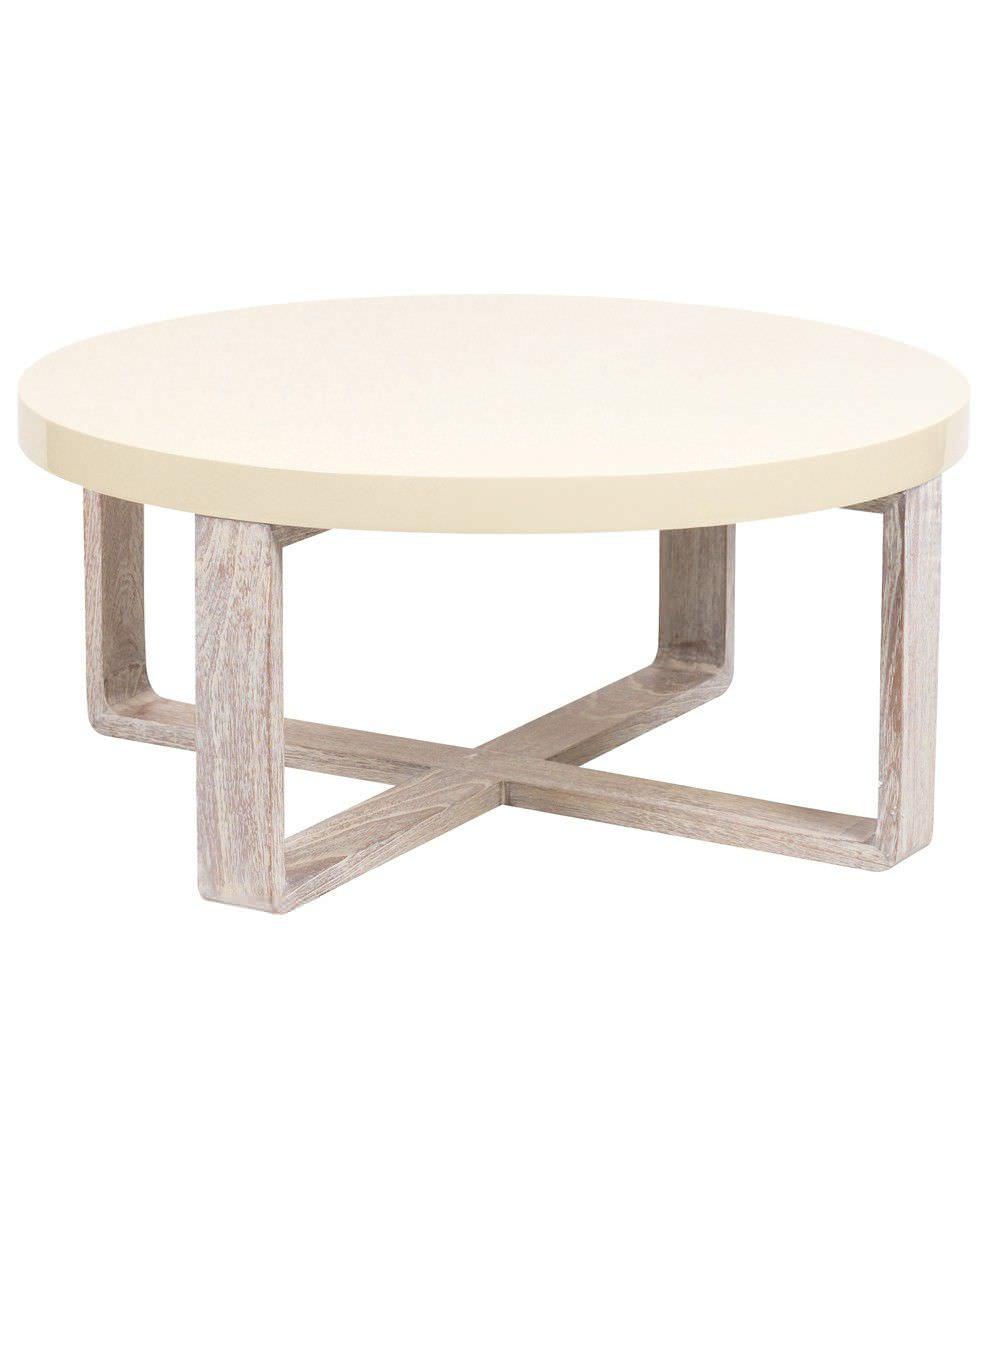 Table basse bois et blanc ronde